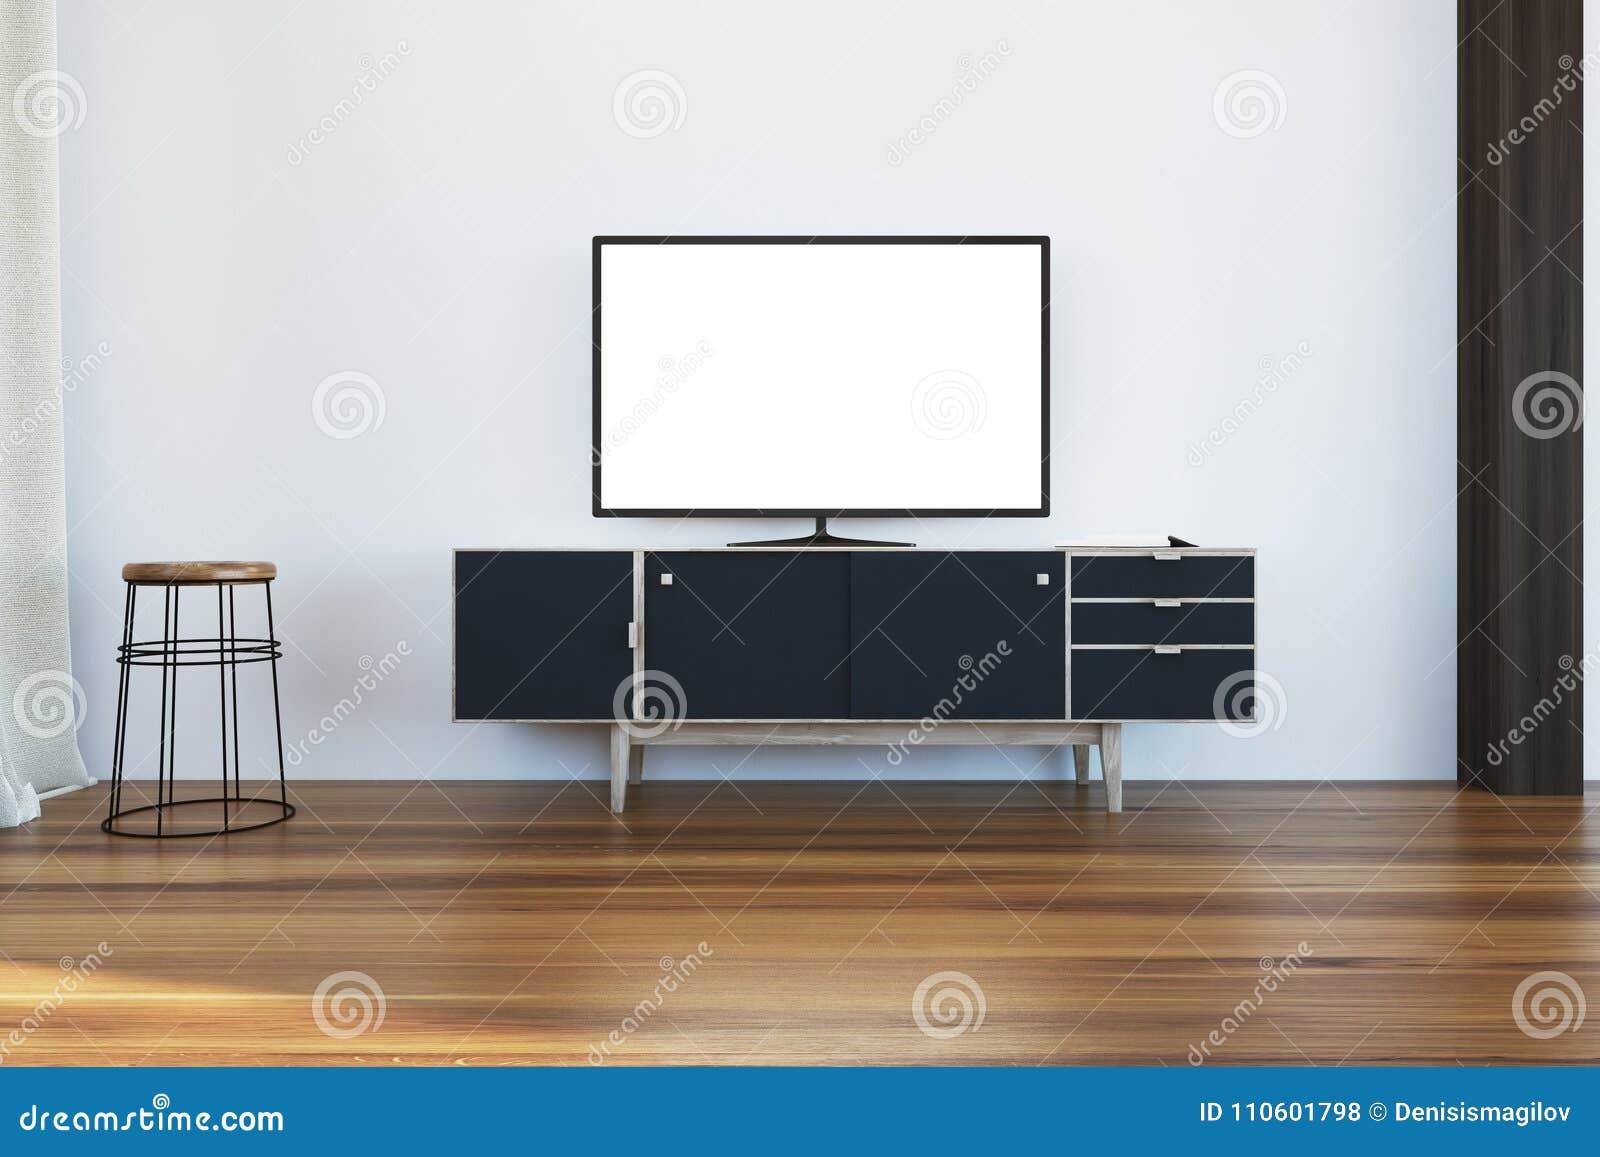 TV Set On A Black Cabinet In Living Room Stock Illustration ...